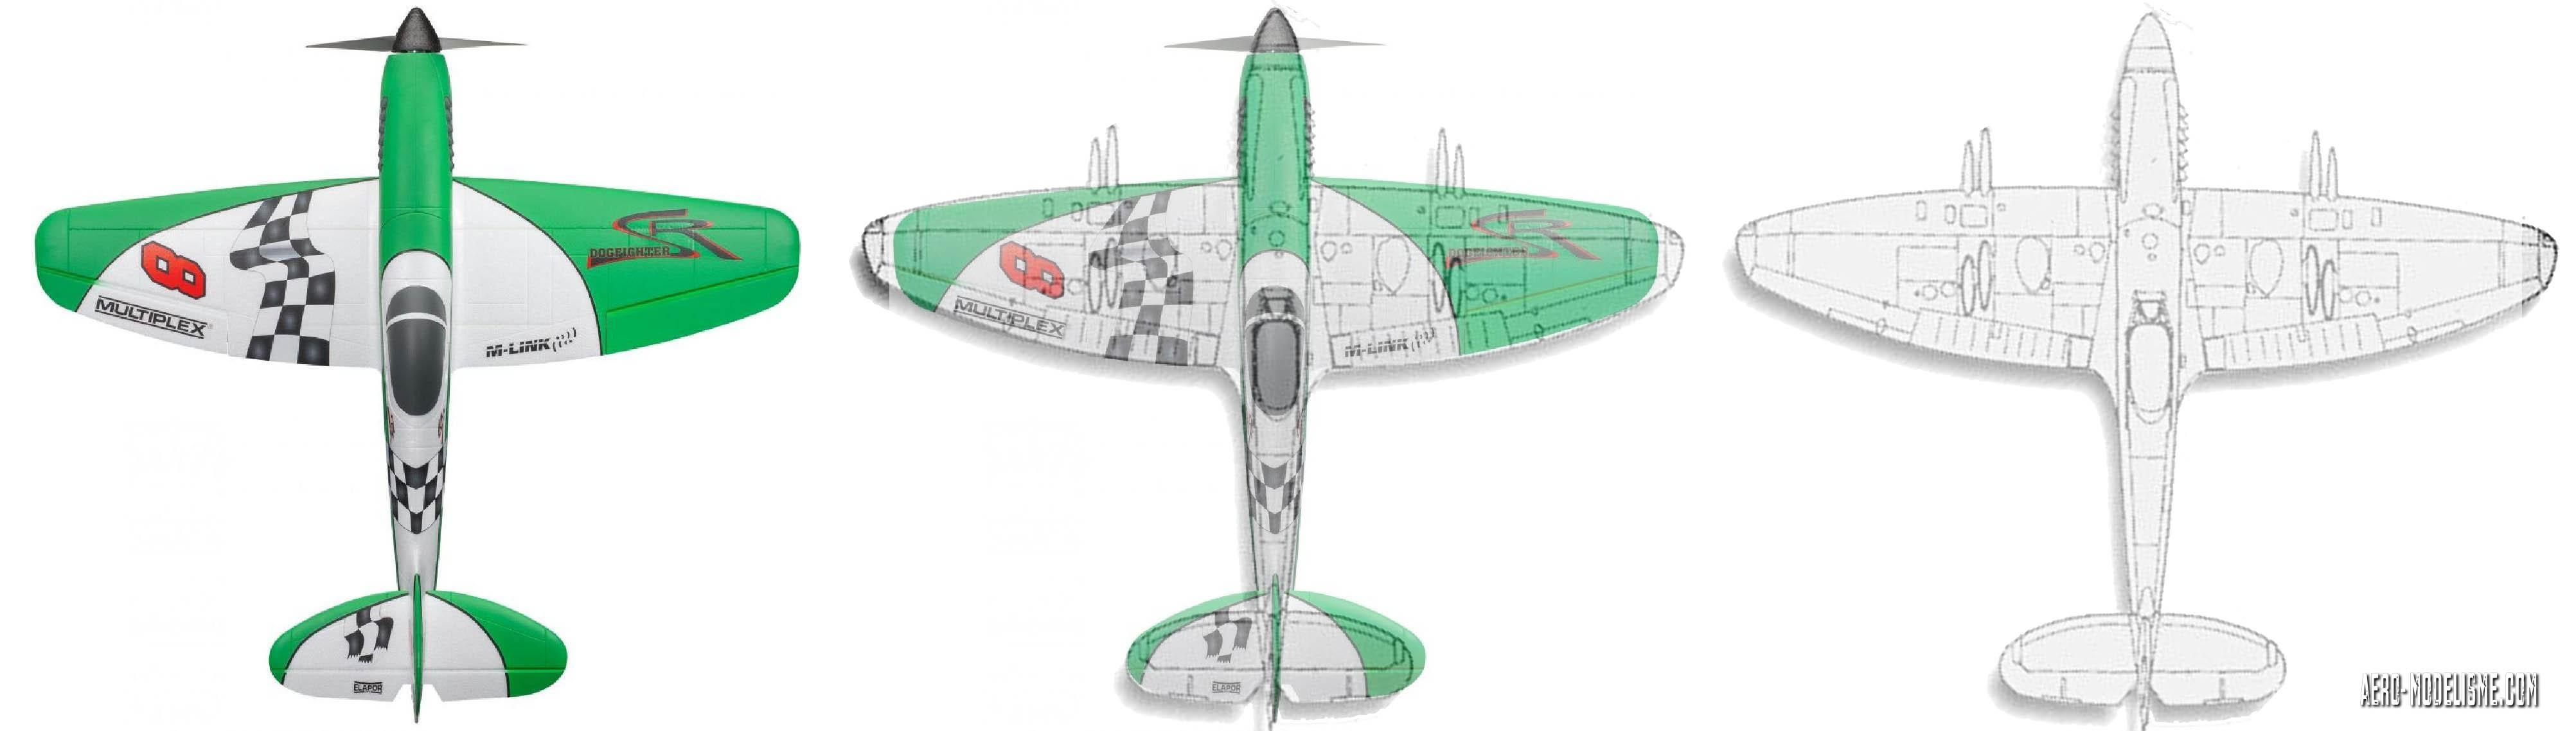 La vue de dessus du Dogfighter. On reconnait bien sur cette vue sa tête de warbird, à mi-chemin entre le P-51 et un Spitfire. A droite un Spitfire XXI, au centre le Dogfighter supperposé avec ce Spitfire XXI.